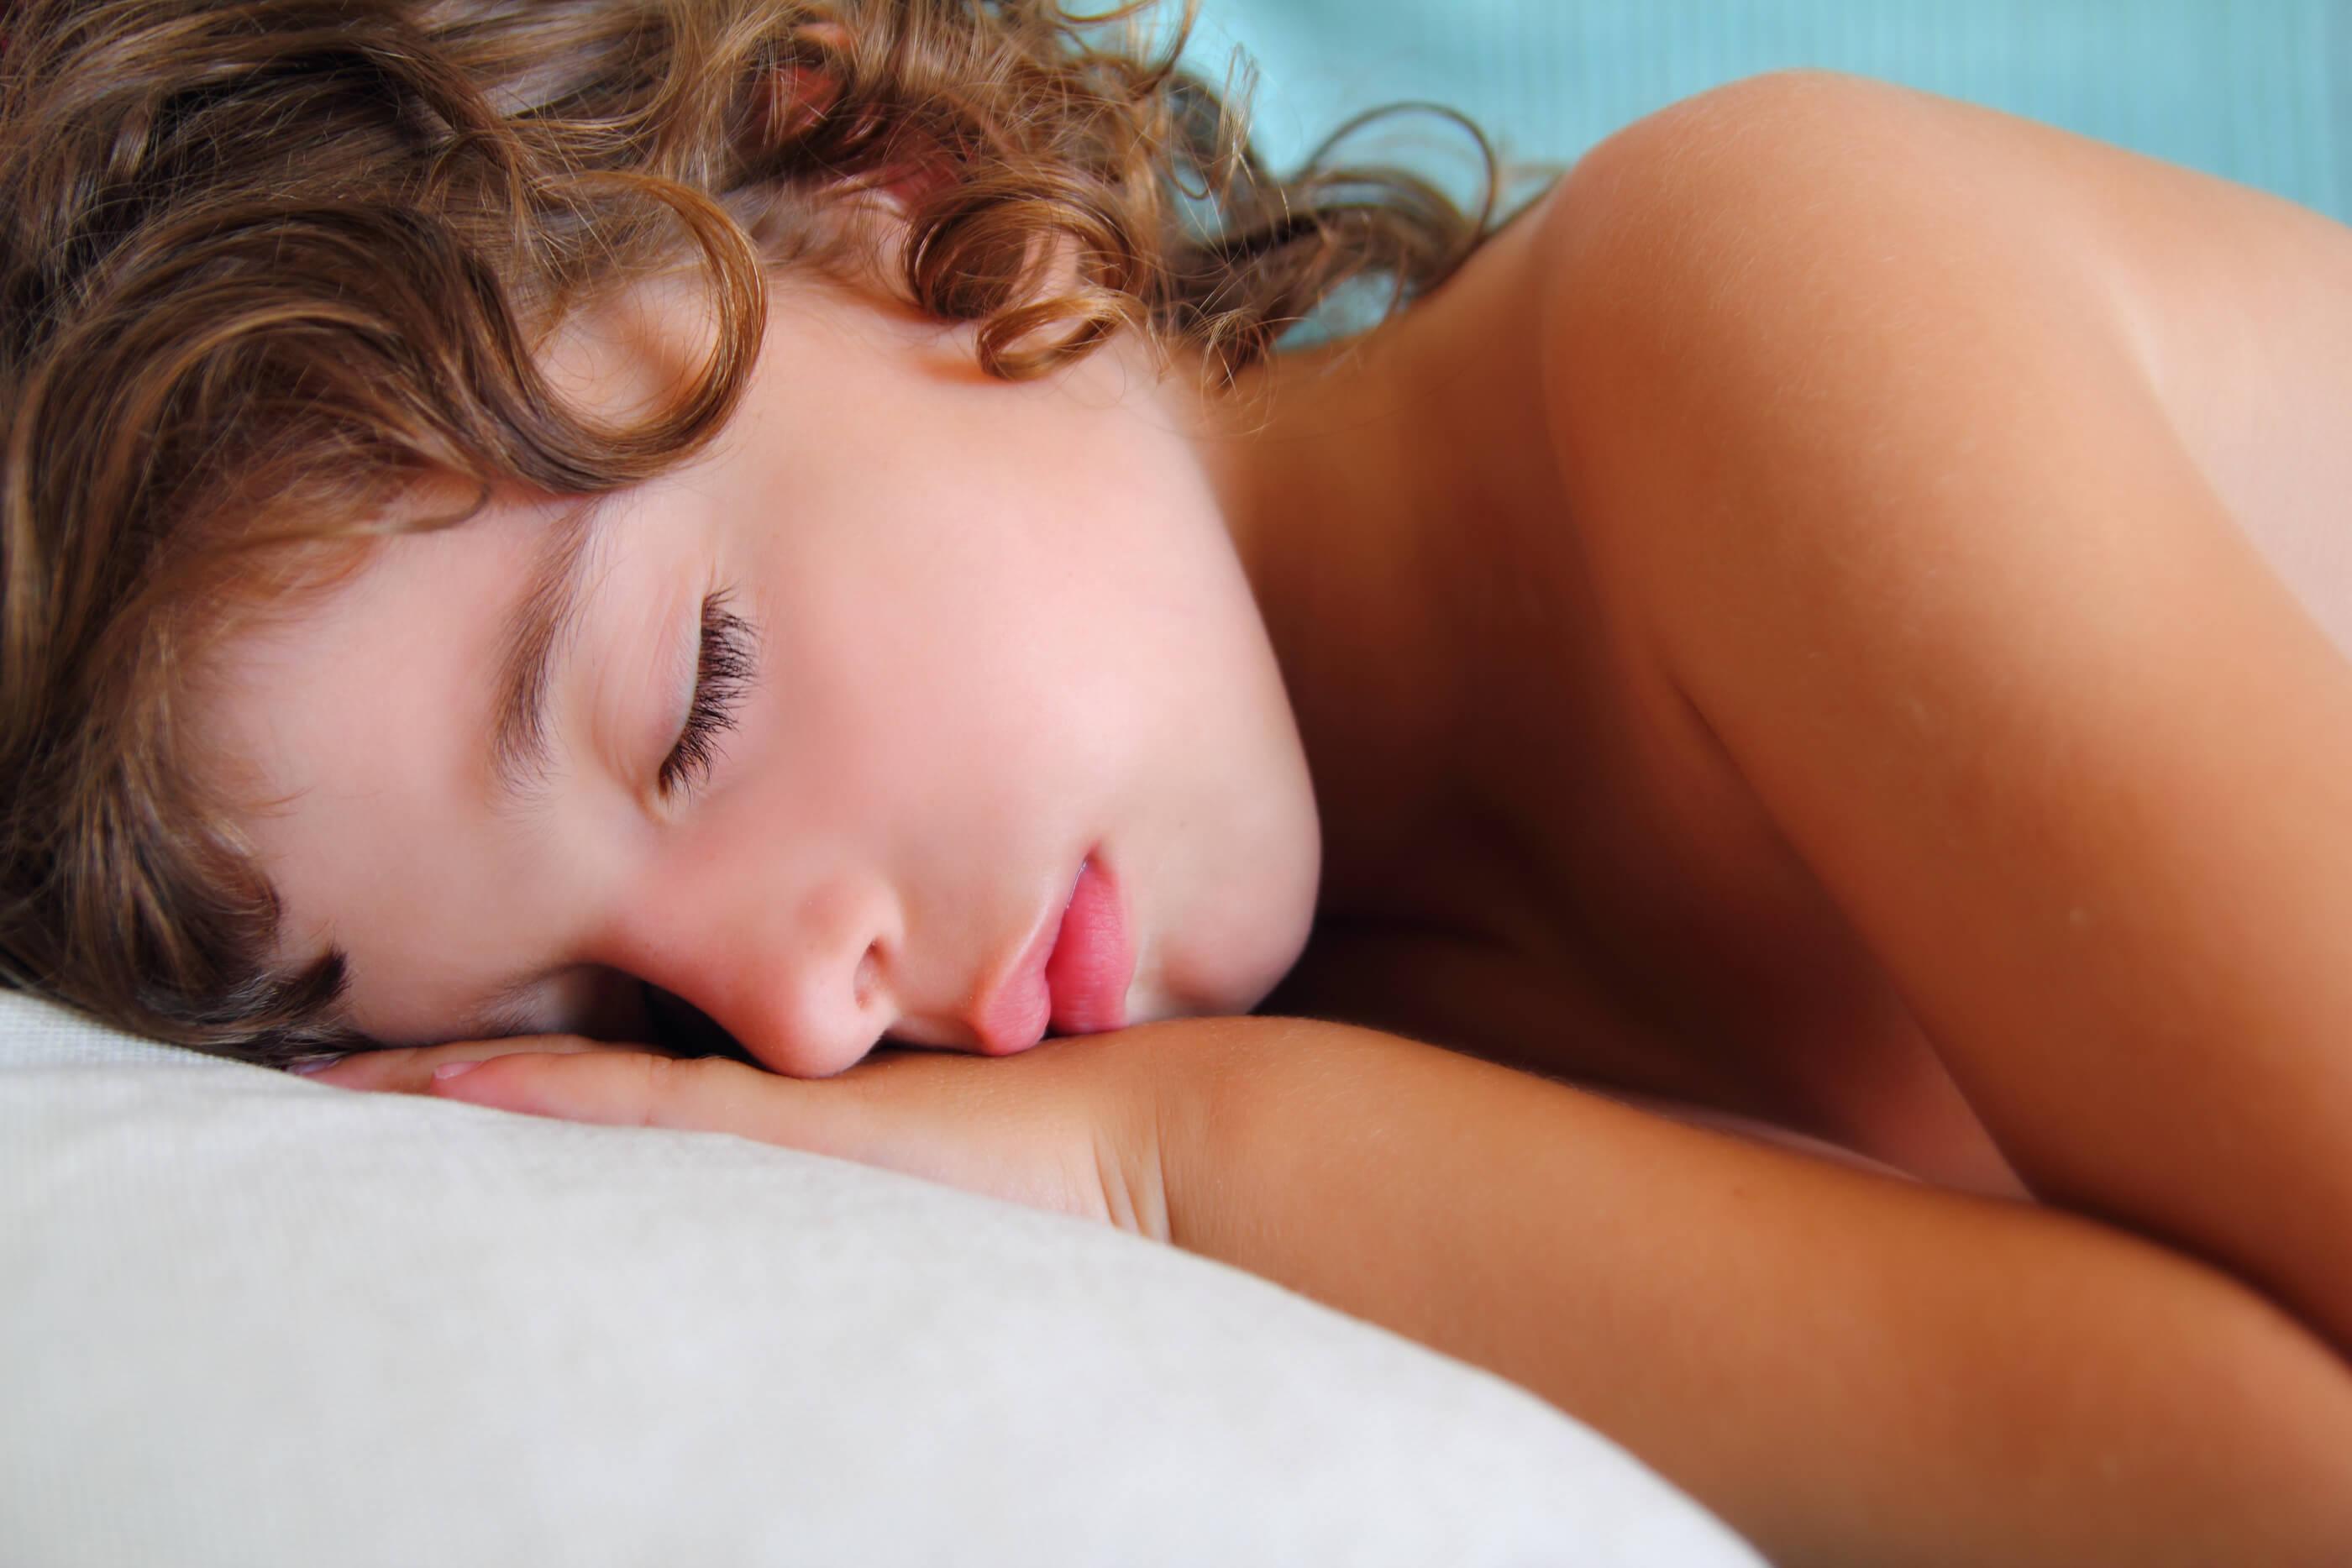 Фото писек спящих девушек, Голые спящие Фото голых девушек 23 фотография